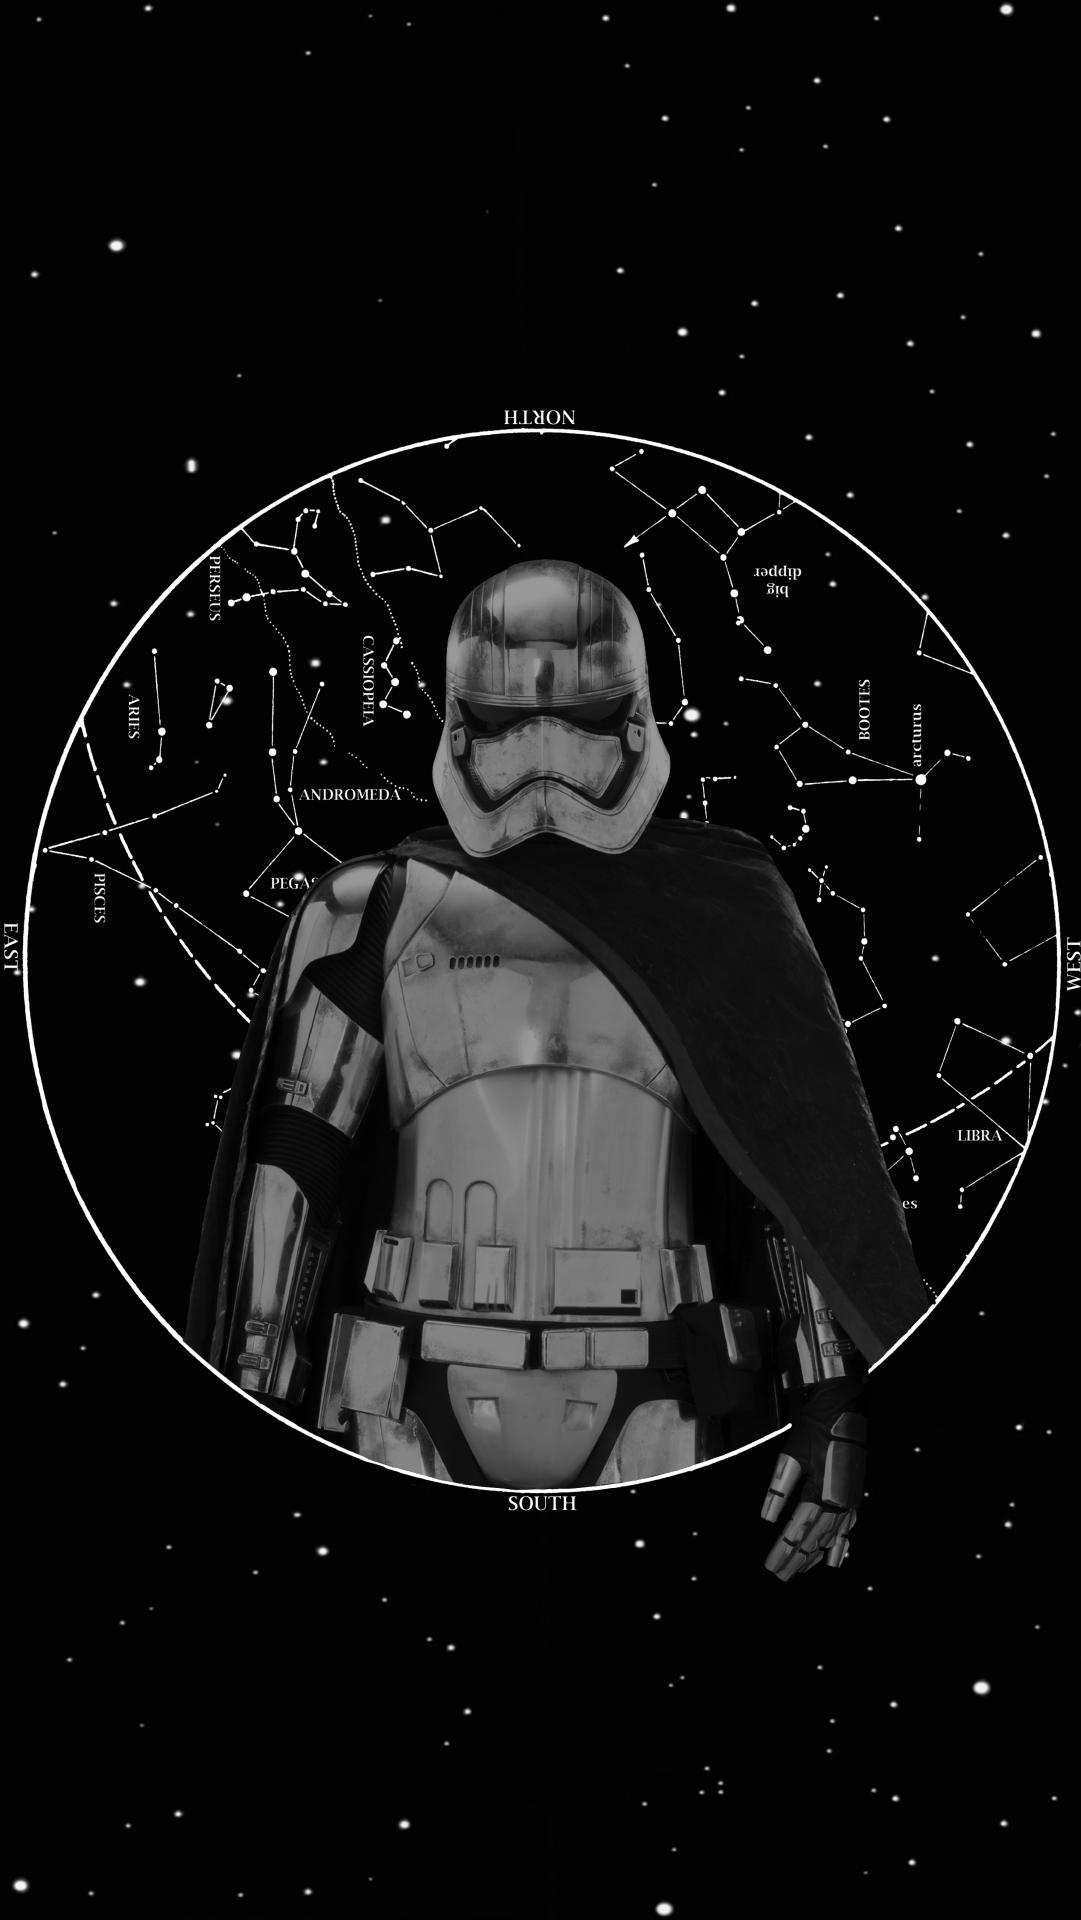 Resultado De Imagem Para Star Wars Tumblr Star Wars Wallpaper Star Wars Art Star Wars Fan Art